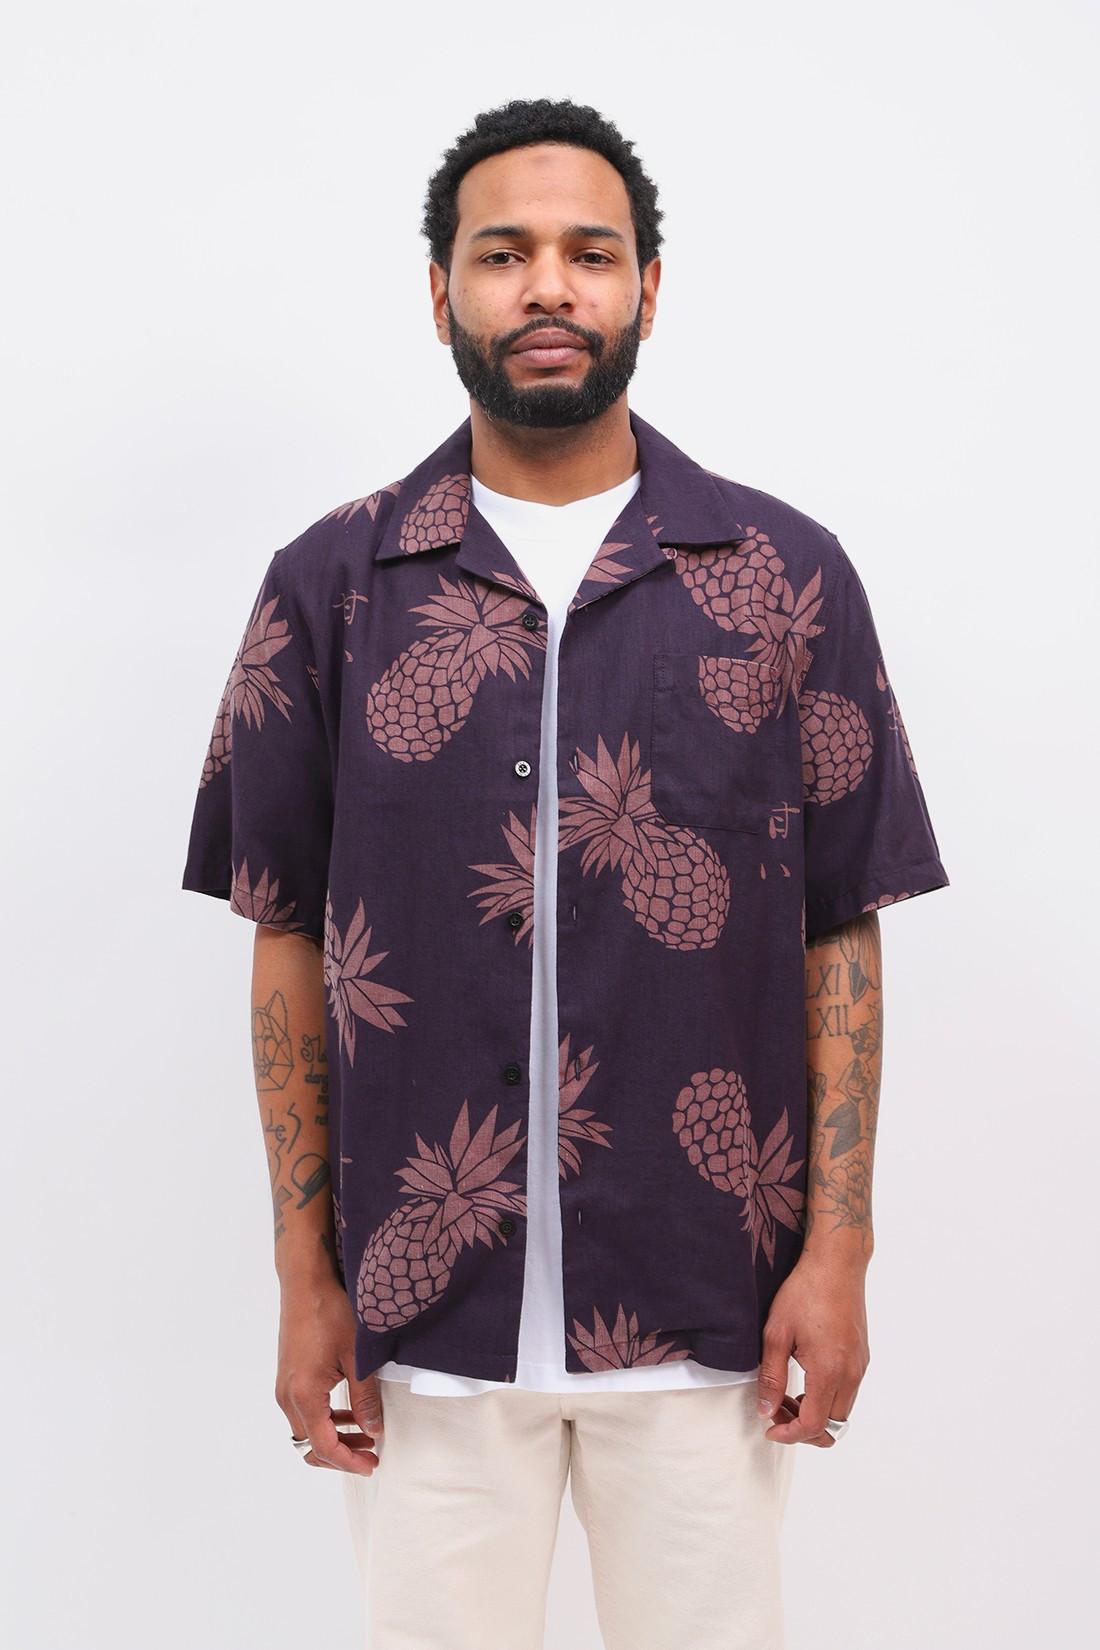 EDWIN / Multivitamin s/s linen shirt Aop